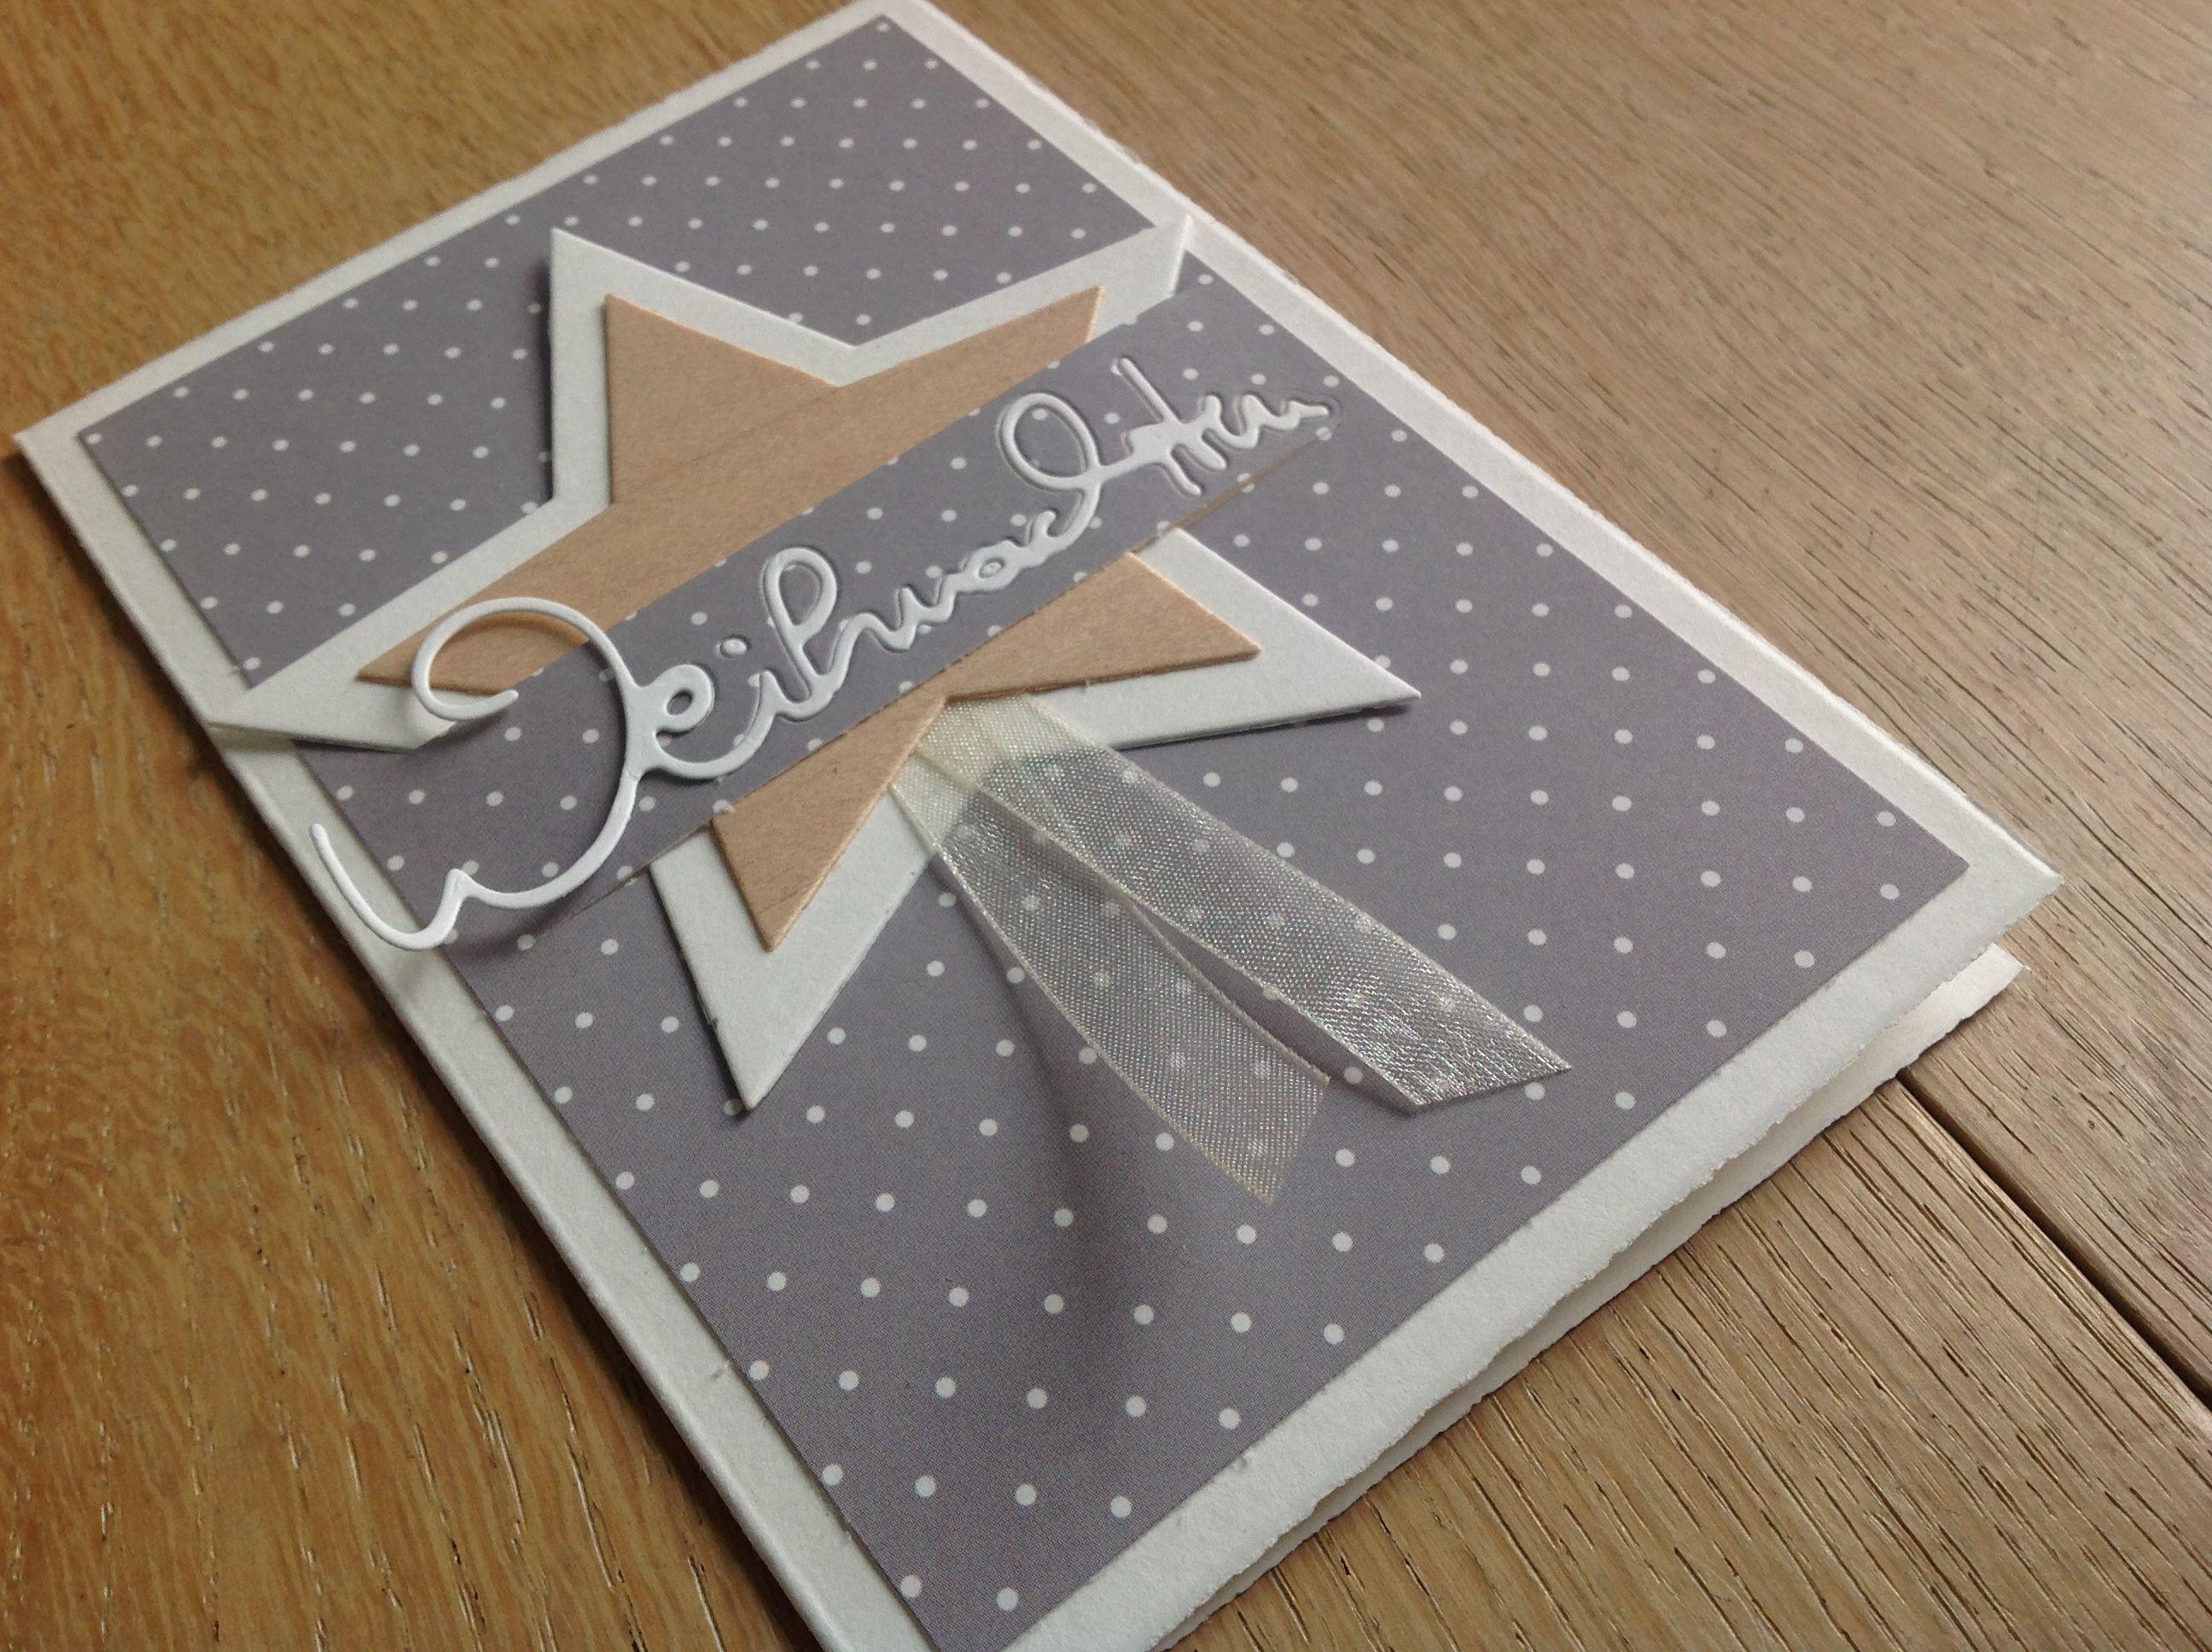 weihnachtskarte alexandra renke furnierholz stern wortstanze herausspringende schrift. Black Bedroom Furniture Sets. Home Design Ideas